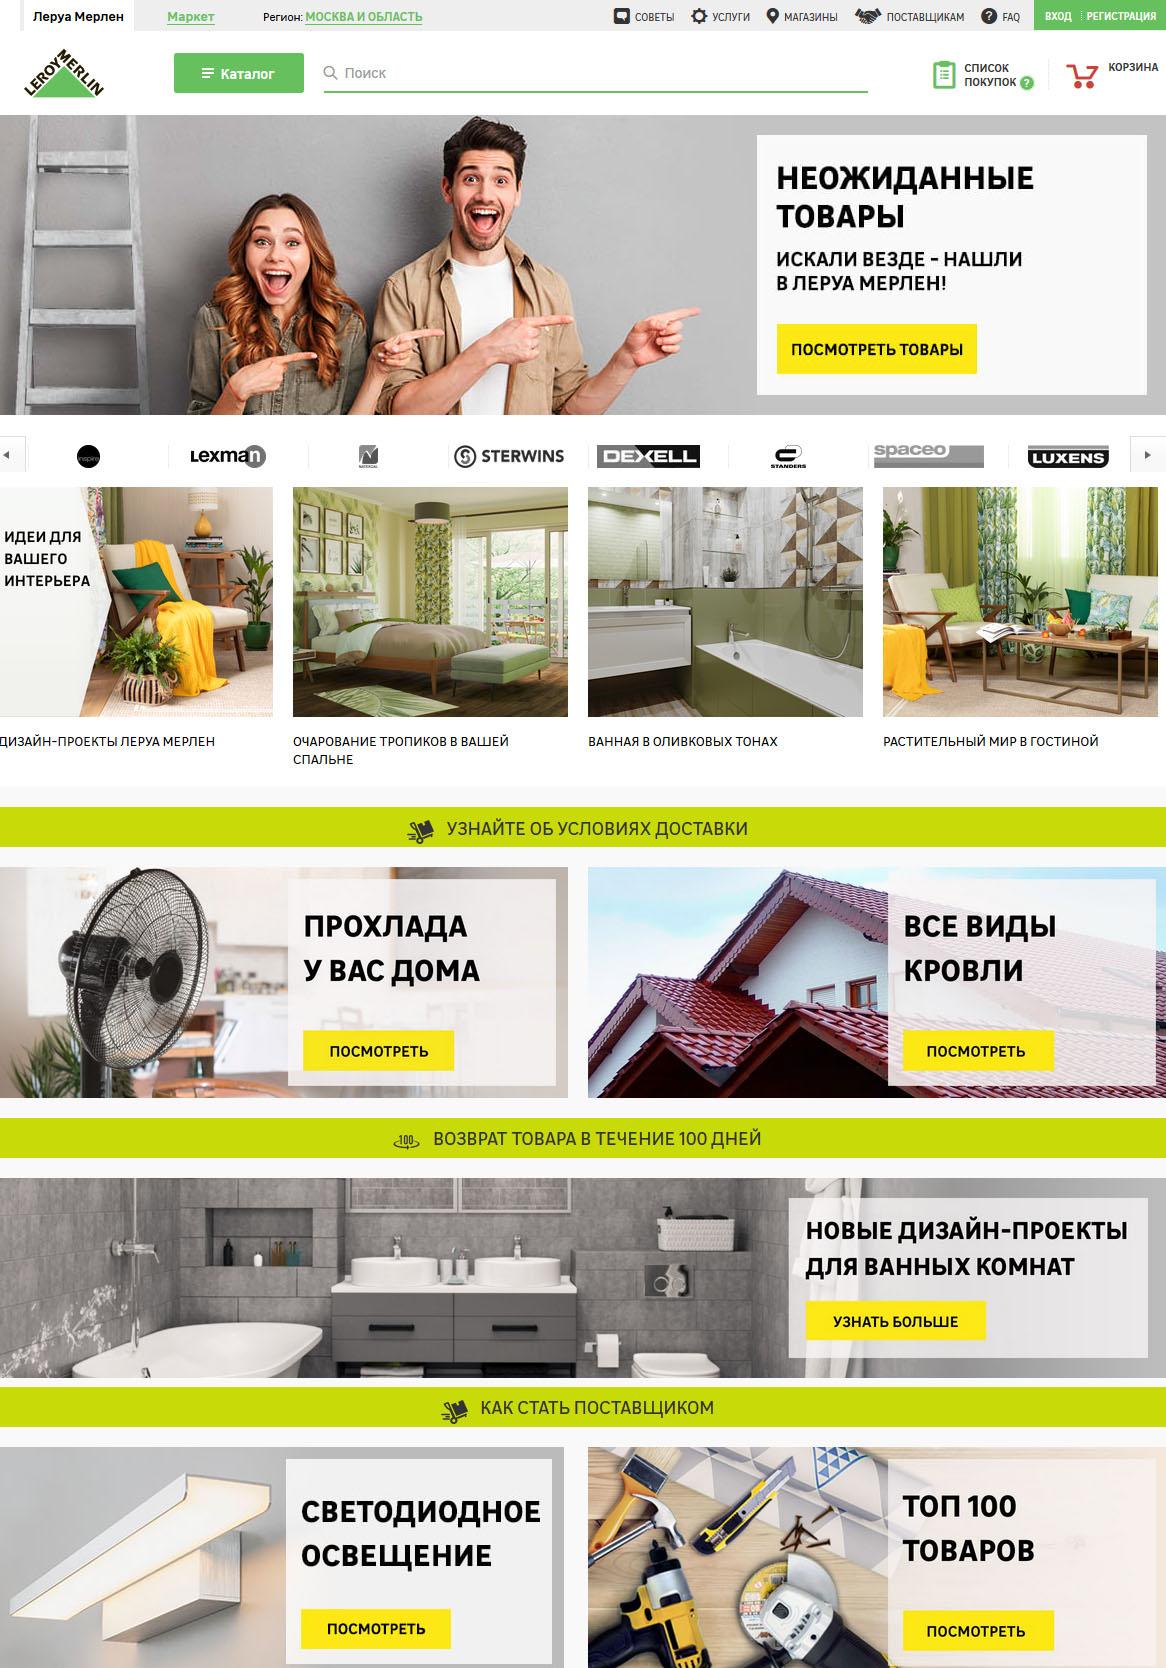 Интернет-магазин Леруа Мерлен